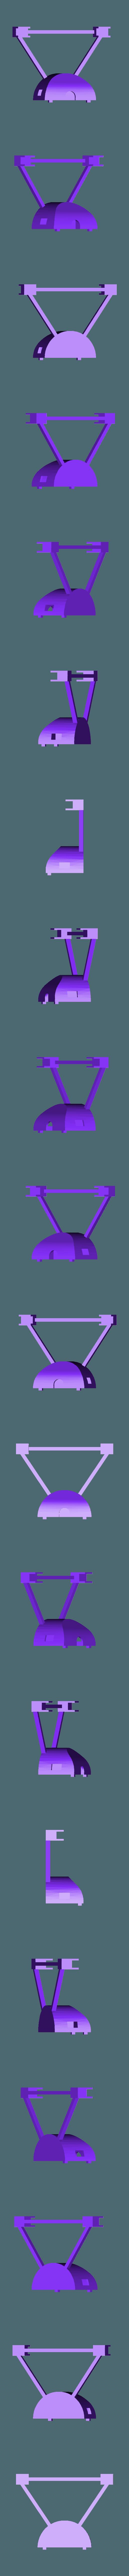 Half_1.STL Télécharger fichier STL gratuit Support_lithophane • Plan pour impression 3D, Desde_el_Almacen